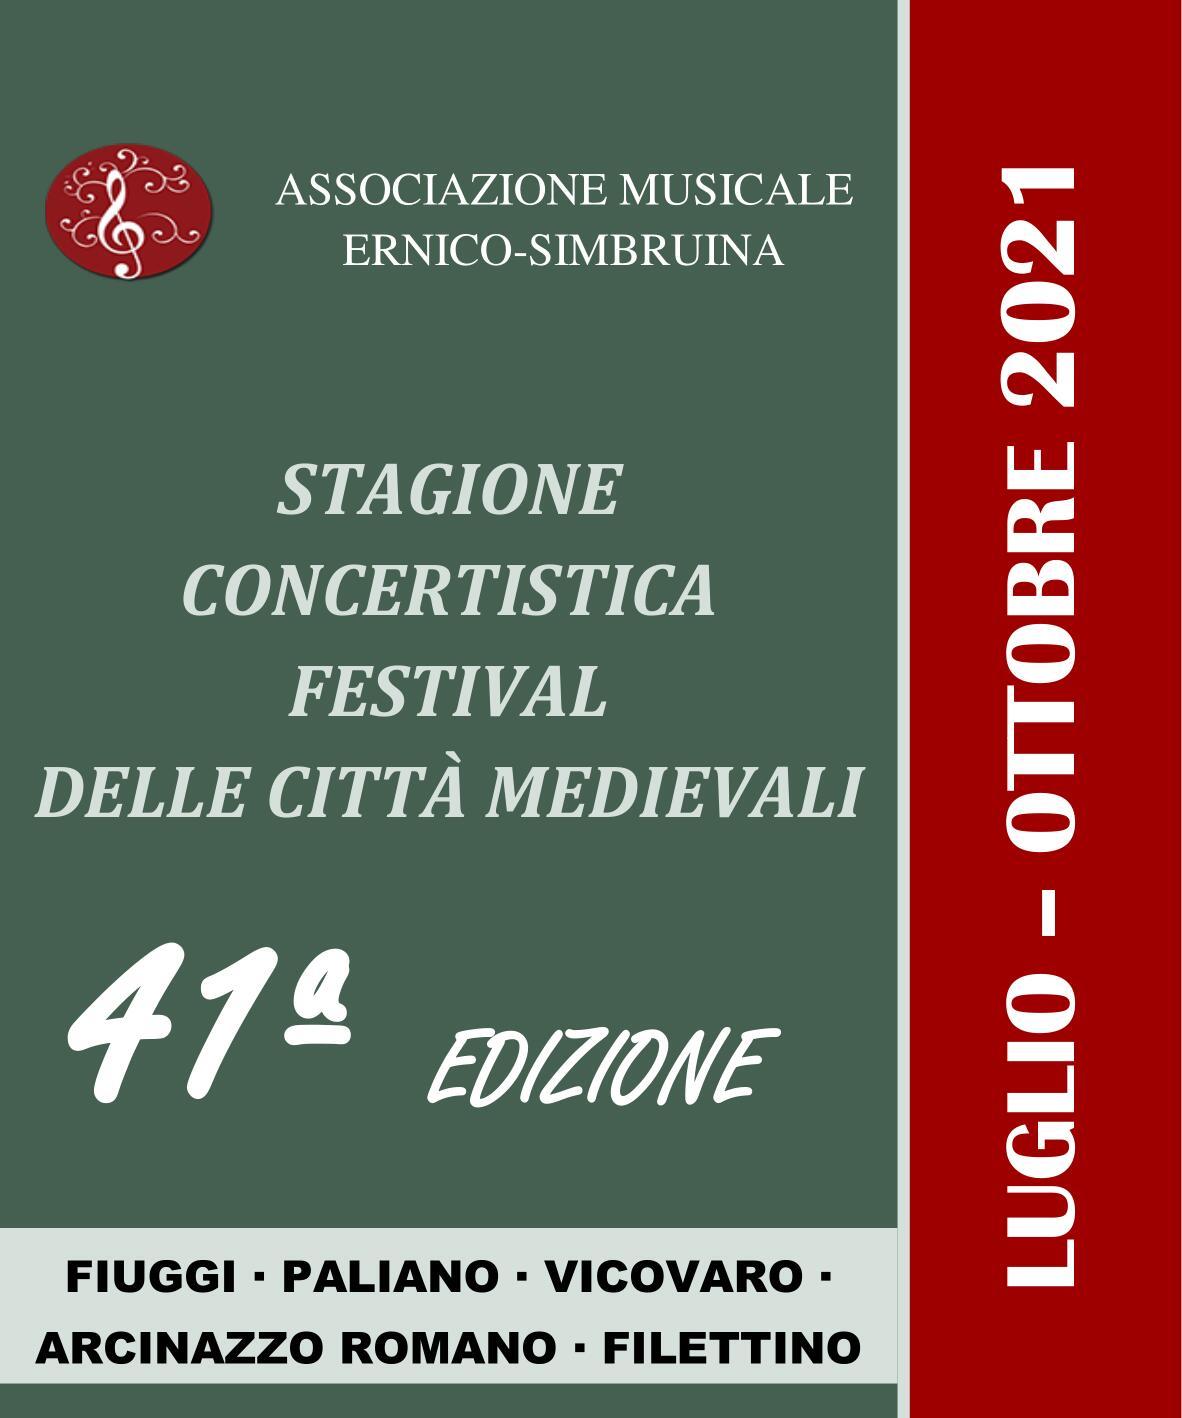 Bozza 6 Libretto (Programma) Festival Città Medievali 2021